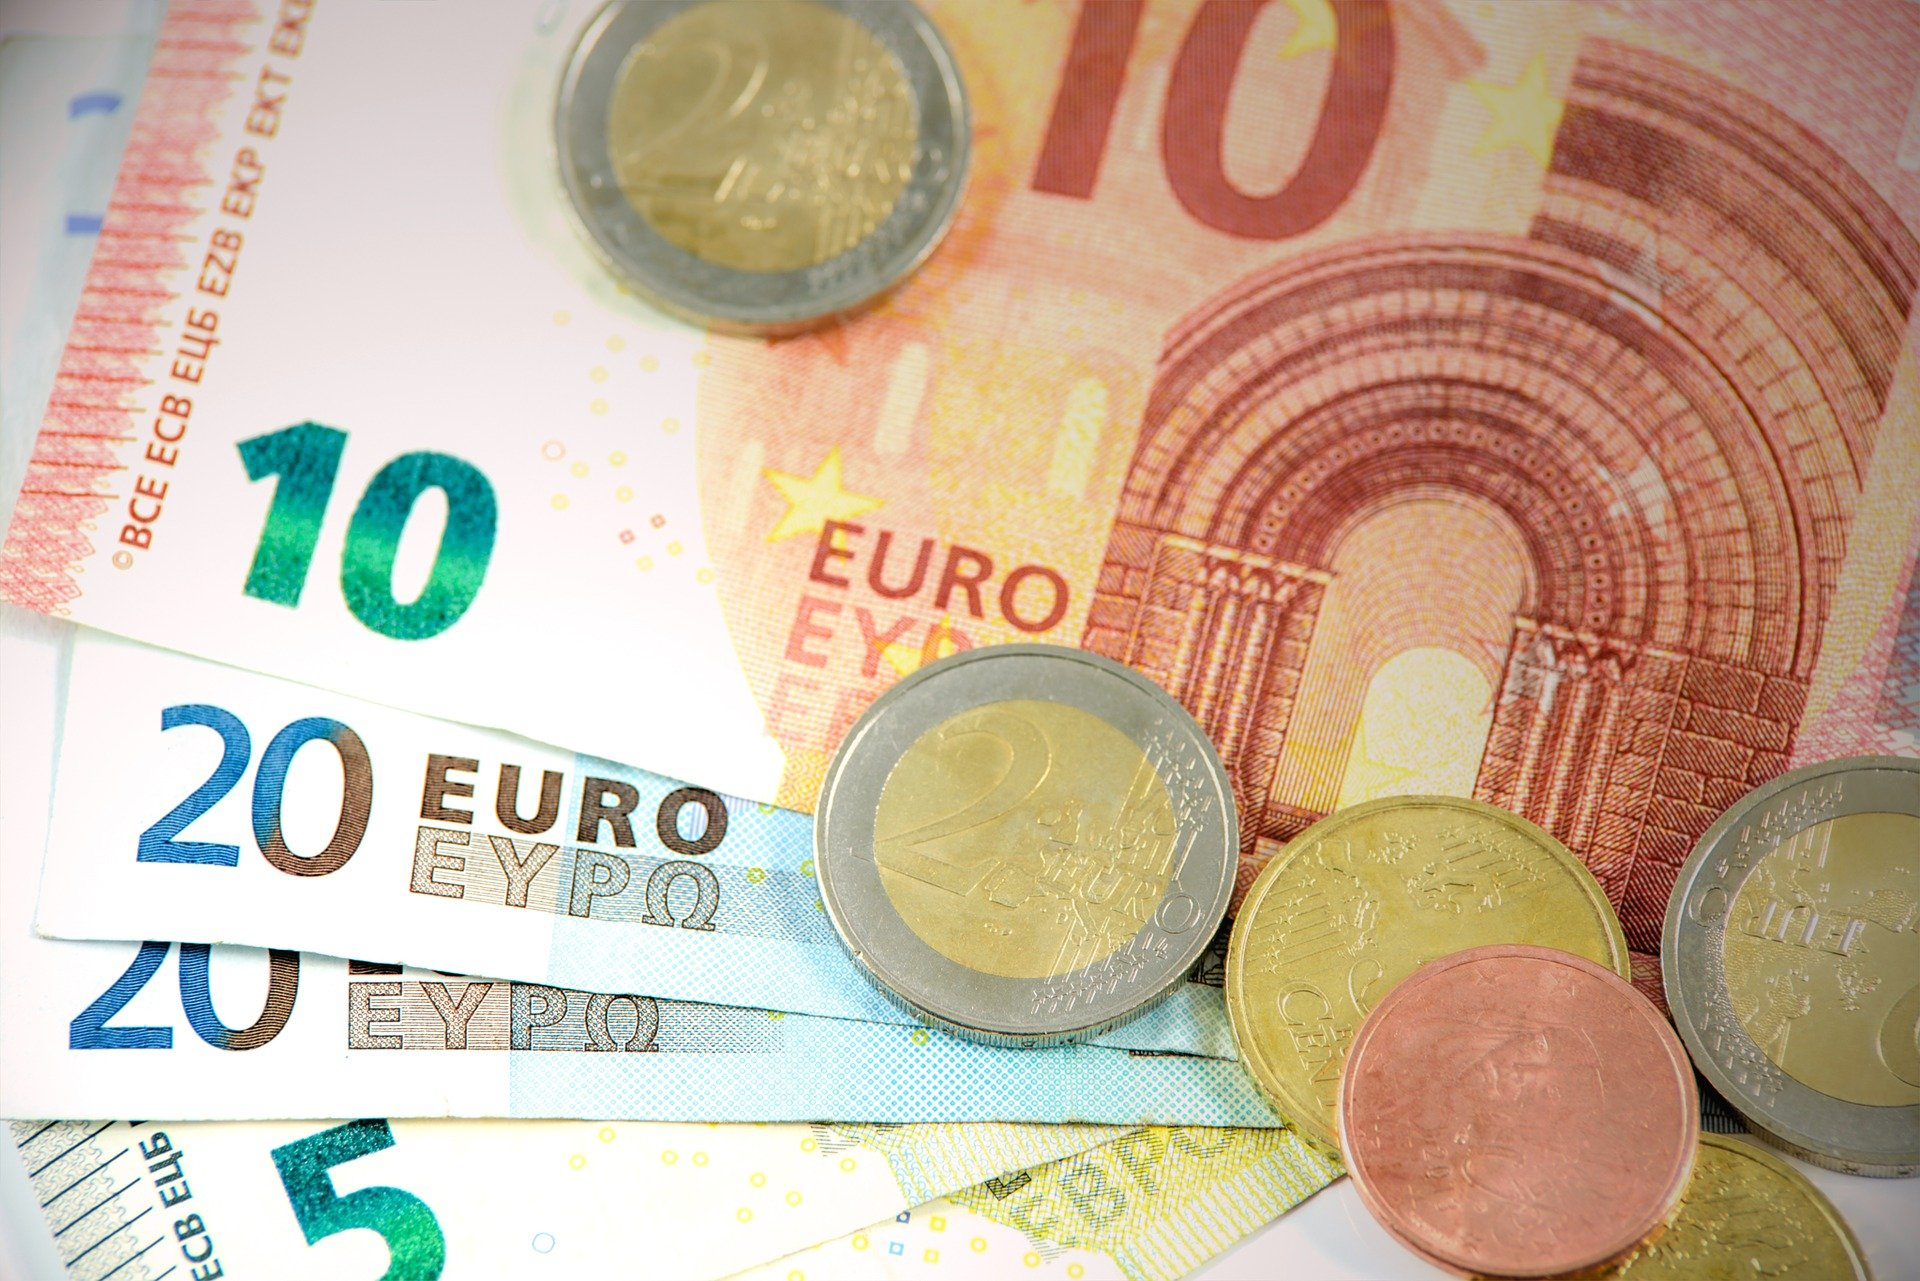 Ελάχιστο εγγυημένο εισόδημα: Πότε οι δικαιούχοι θα λάβουν το διπλό επίδομα (vid)